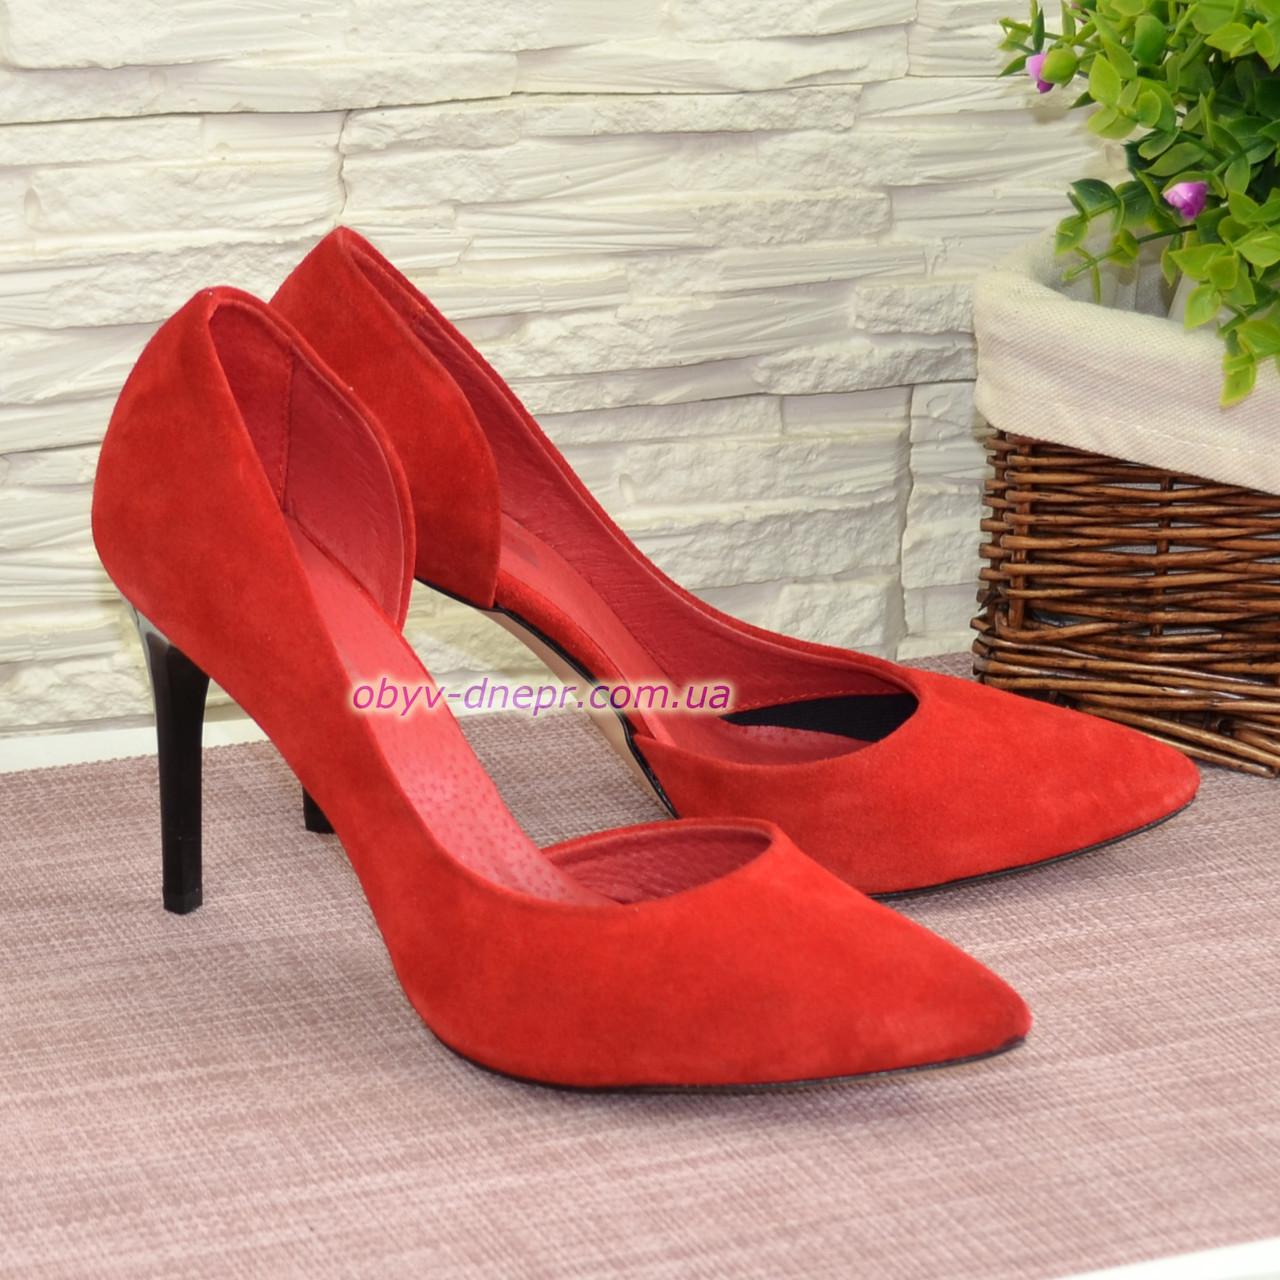 Женские замшевые красные туфли на шпильке